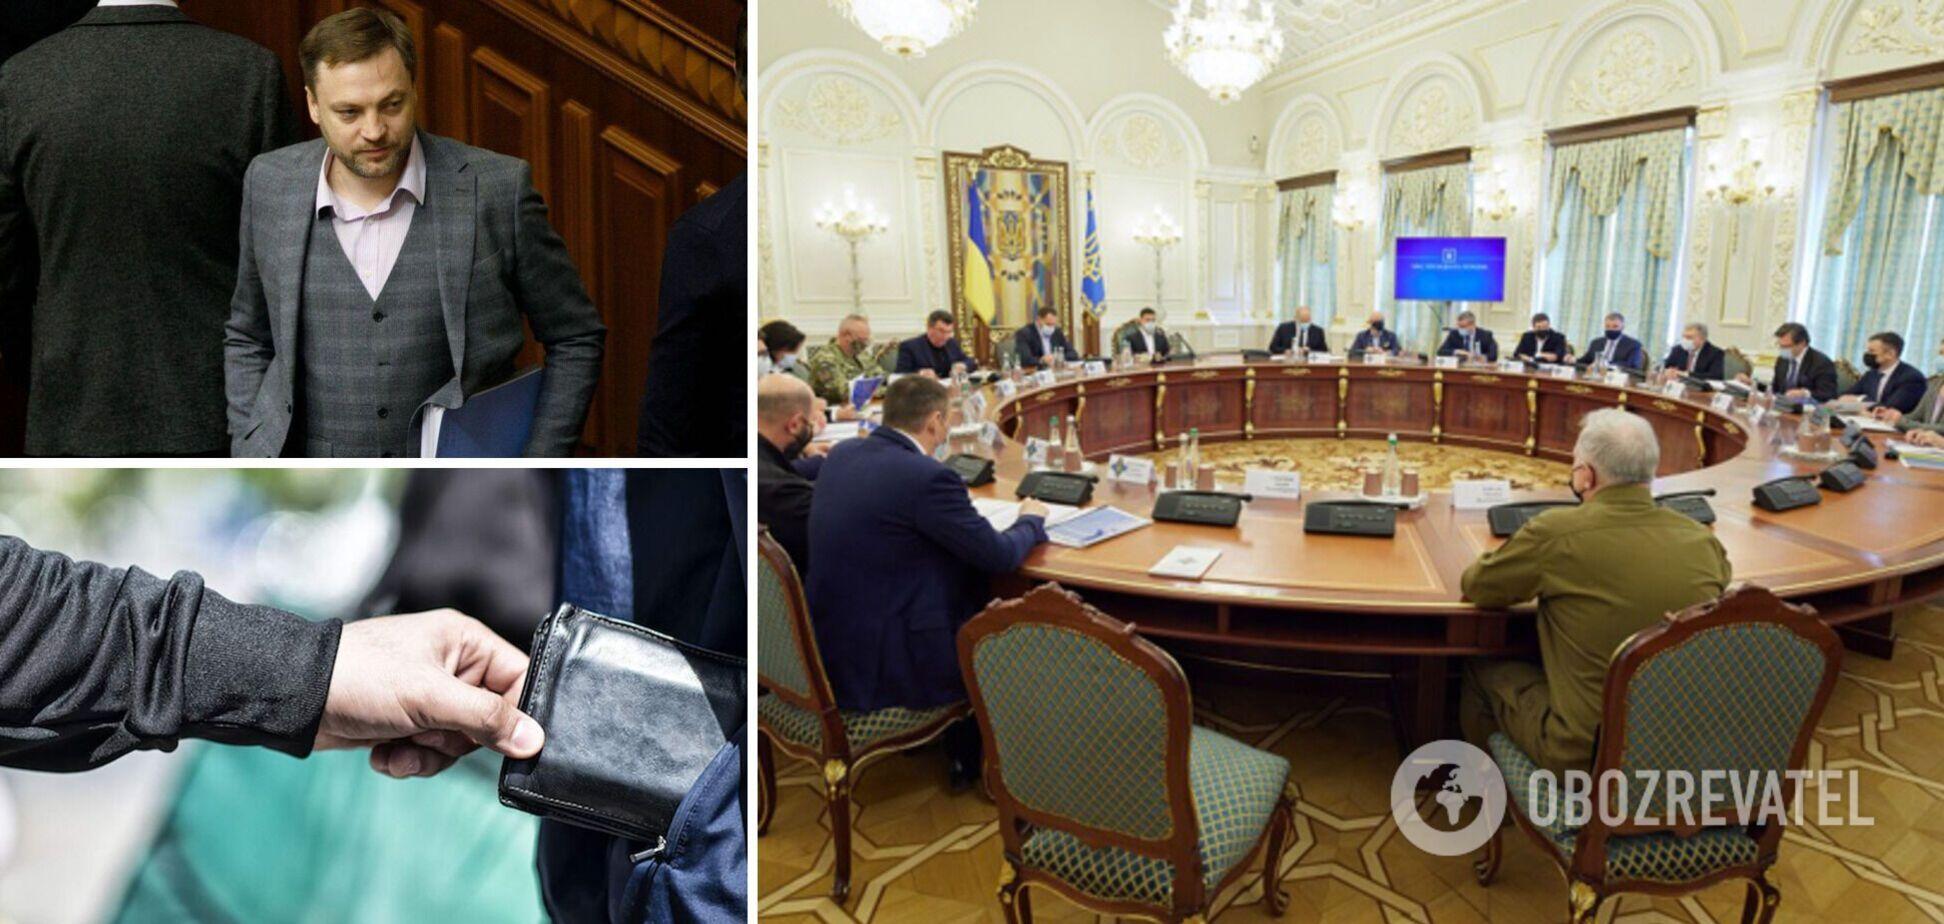 Новости Украины: СНБО провела закрытое заседание, а в центре Киева ограбили греческого дипломата